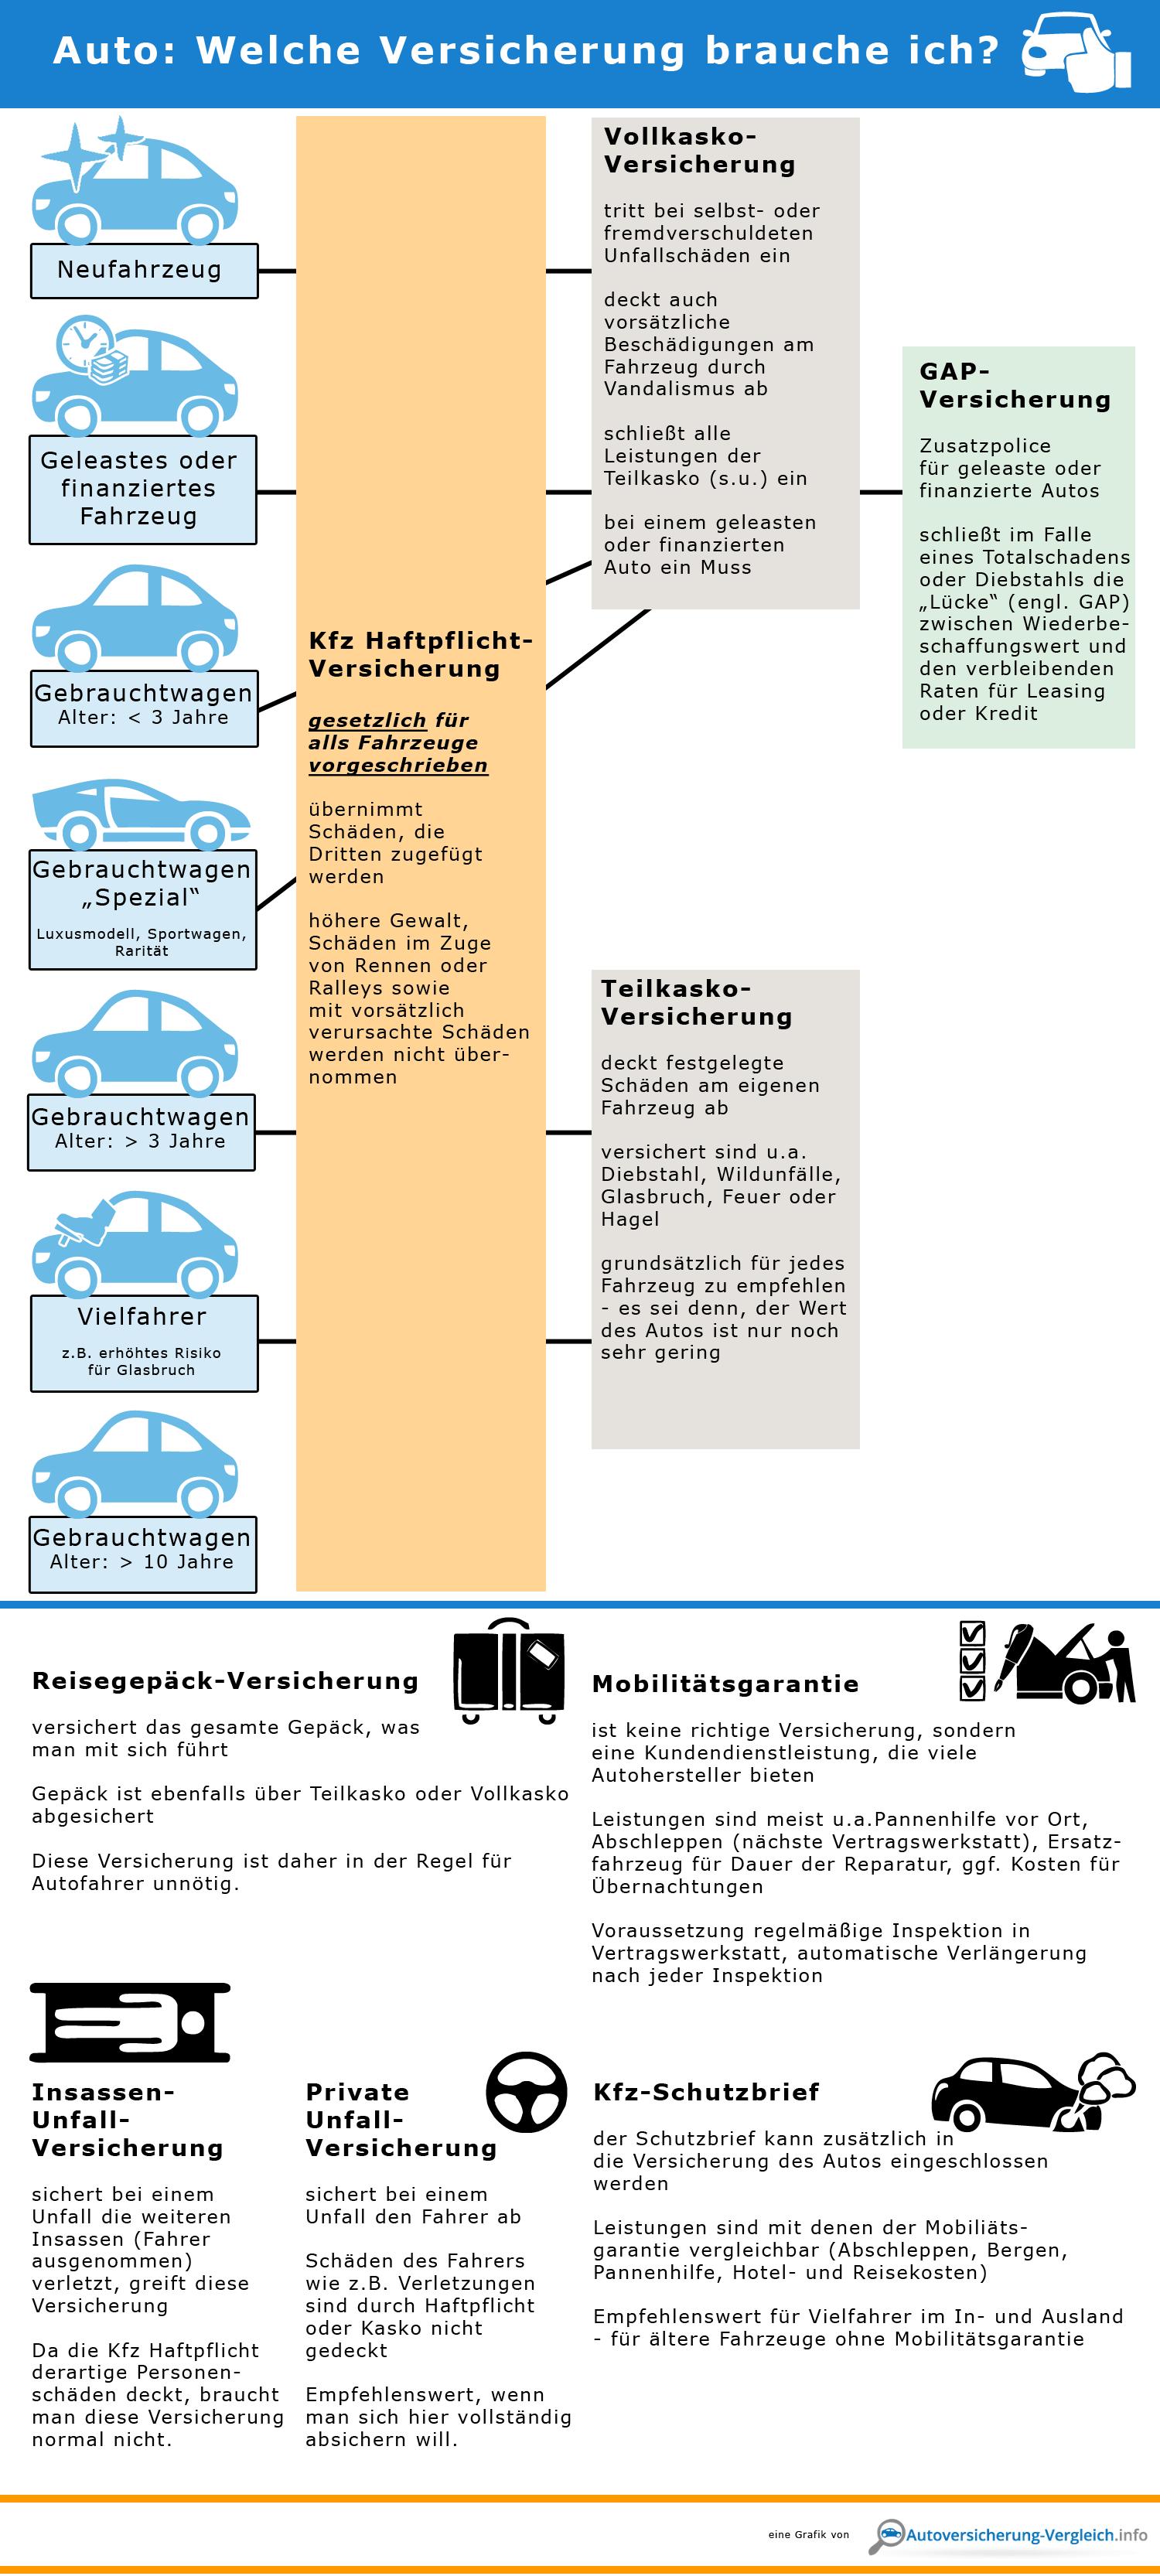 Auto: Welche Versicherung brauche ich? - Infografik / Übersicht